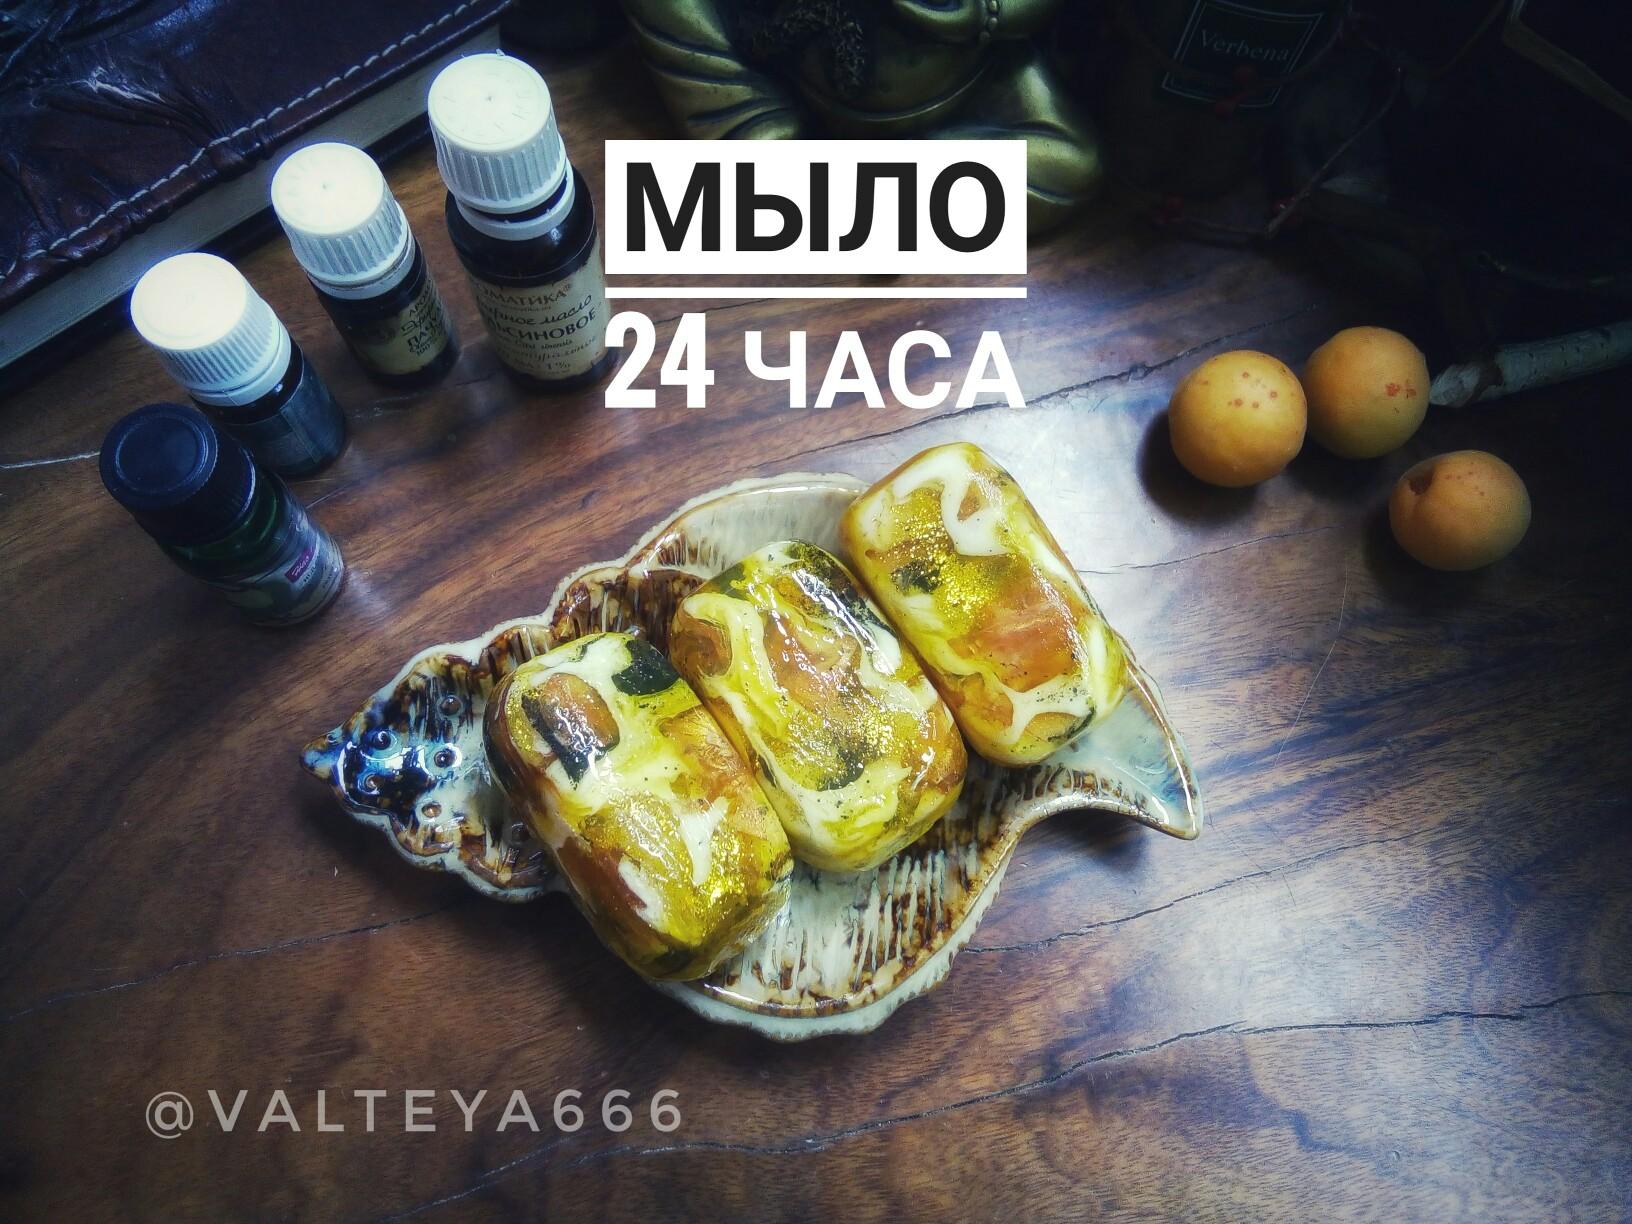 очарование - Программное мыло ручной работы от Елены Руденко - Страница 2 OkSS3iHw8hs